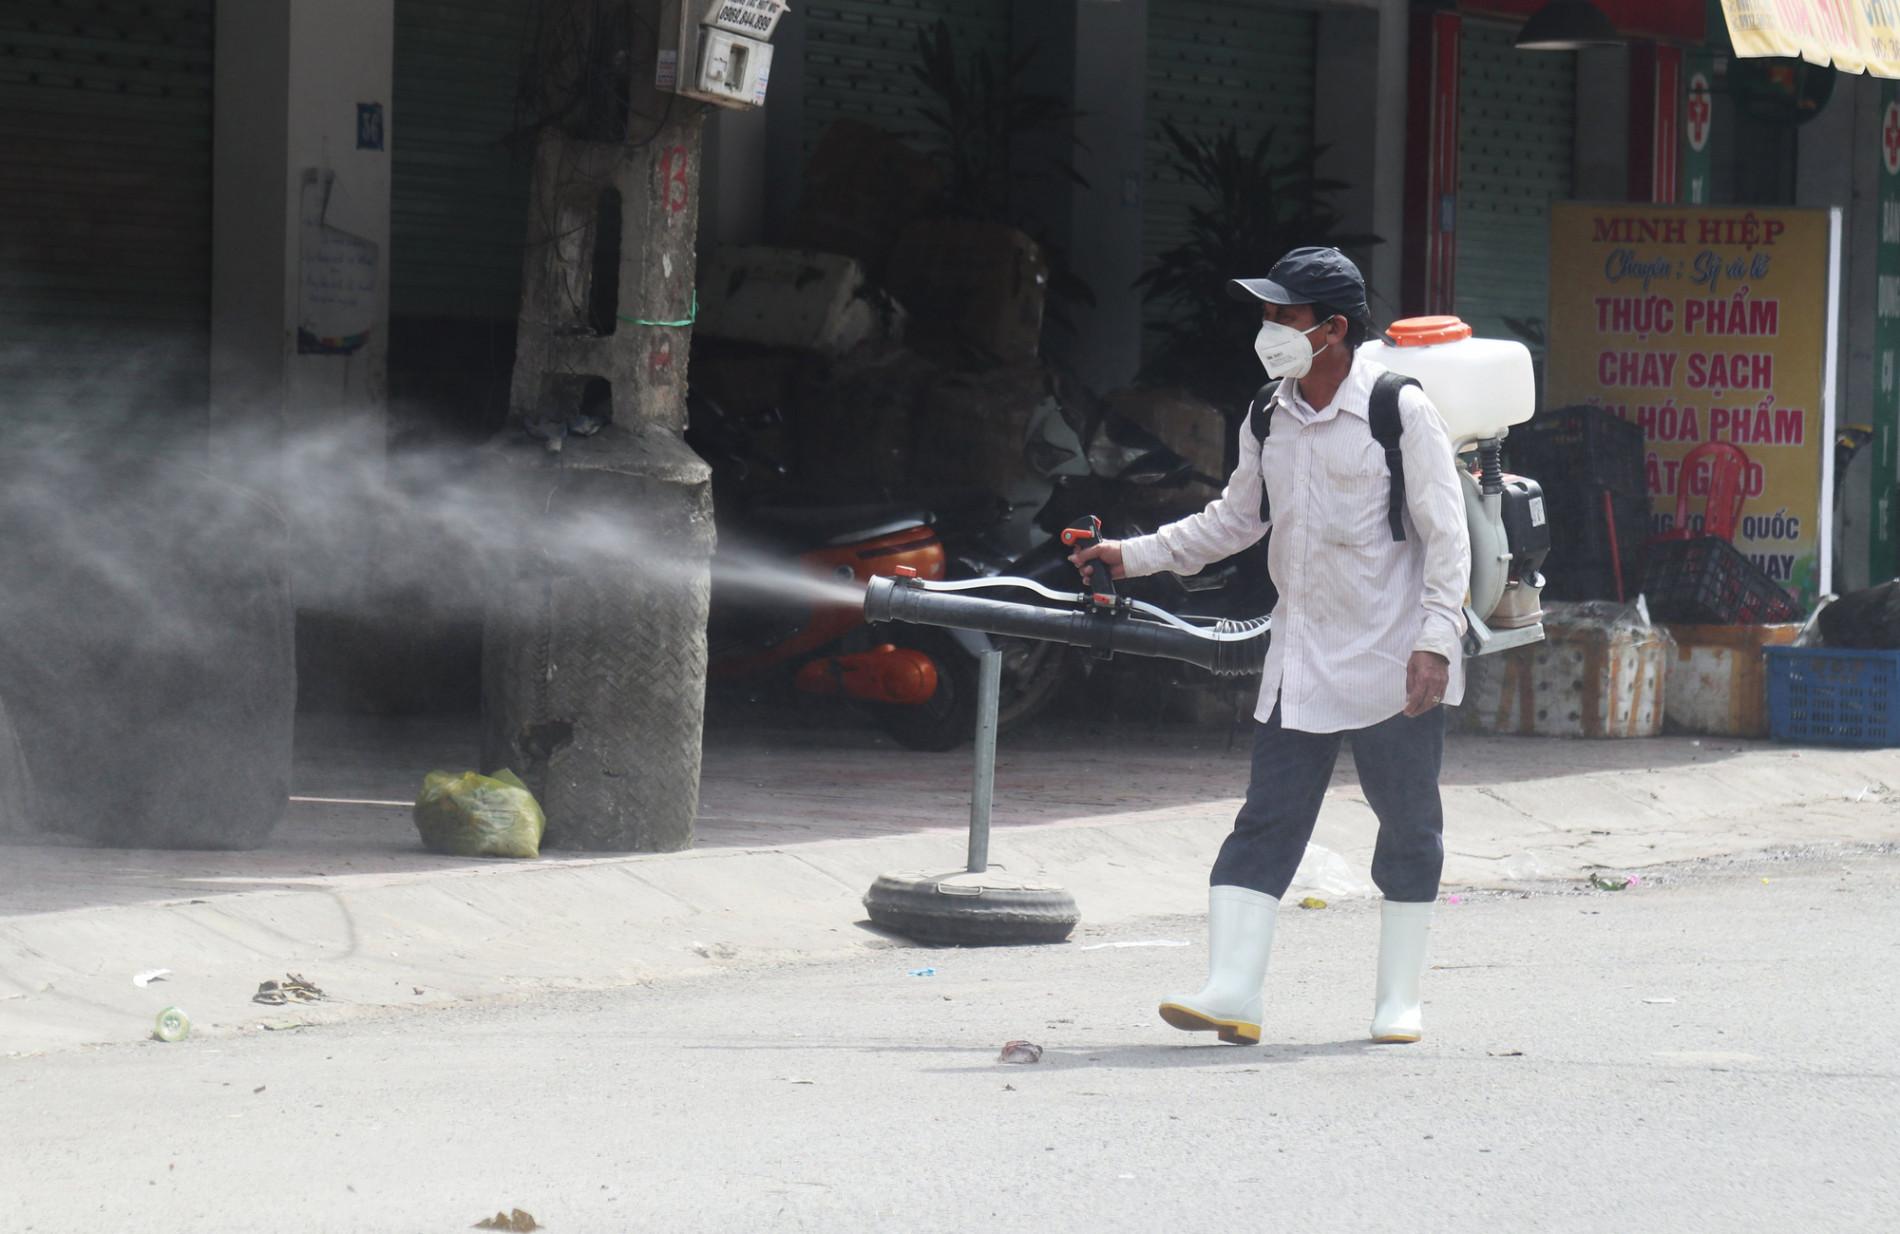 Nghệ An: Thêm một phụ nữ bán rau ở chợ đầu mối dương tính với SARS-CoV-2 - Ảnh 2.